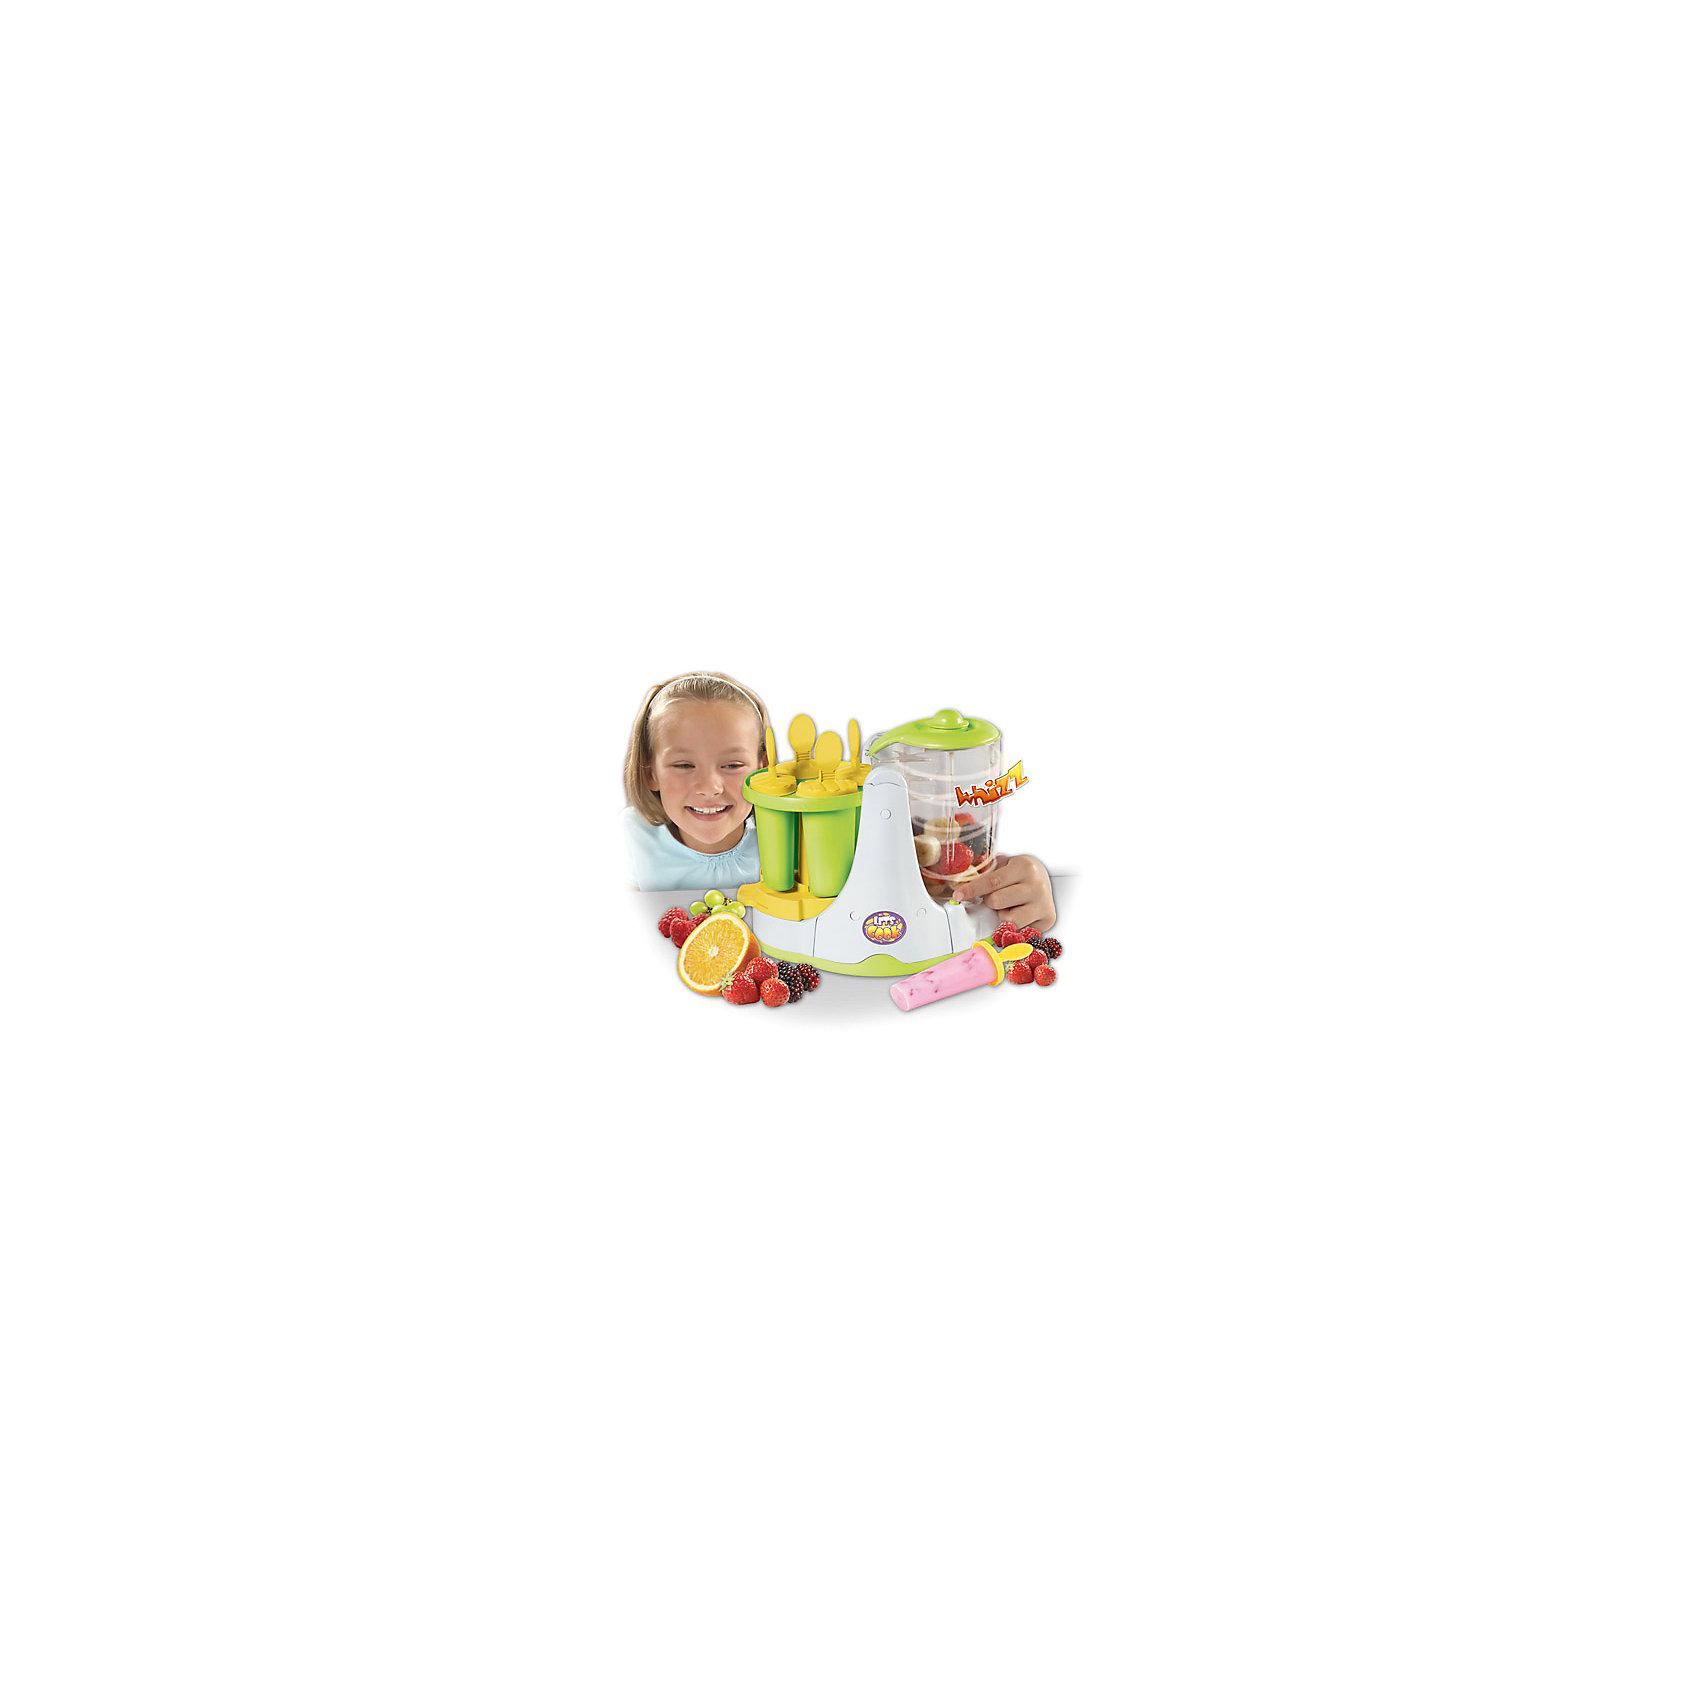 Фабрика десертов, Lets cookИдеи подарков<br>Фабрика по изготовлению десертов от Lets cook. <br><br>Готовим сами - едим с друзьями! Фабрика десертов - готовить просто и безопасно! 10 рецептов из натуральных продуктов и подробная инструкция на русском языке. Вы сможете приготовить мороженое, фруктовый лед, коктейли, используя настоящие продукты - все своими руками, без химических добавок и консервантов! <br><br>В набор входит:<br>- емкость для взбивания с предохраняющей решеткой; <br>- емкость для смешивания коктейля (с несъемной предохраняющей решеткой);<br>- основной блок; <br>- формочка для мороженого с четырьмя секциями;<br>- палочки для мороженого (4 шт.); <br>- палочка для перемешивания коктейля. <br><br>Дополнительная информация:<br><br>- Работает от 4х батареек типа С (1,5V) (в комплект не входят). <br>- Внимательно прочтите инструкцию.  <br>- Дети должны готовить под присмотром взрослых. <br>- Размеры упаковки: 30 х 20 х 19 см.<br><br>Фабрику десертов, Lets cook можно купить в нашем интернет - магазине.<br><br>Ширина мм: 300<br>Глубина мм: 190<br>Высота мм: 200<br>Вес г: 1275<br>Возраст от месяцев: 60<br>Возраст до месяцев: 144<br>Пол: Женский<br>Возраст: Детский<br>SKU: 2148605